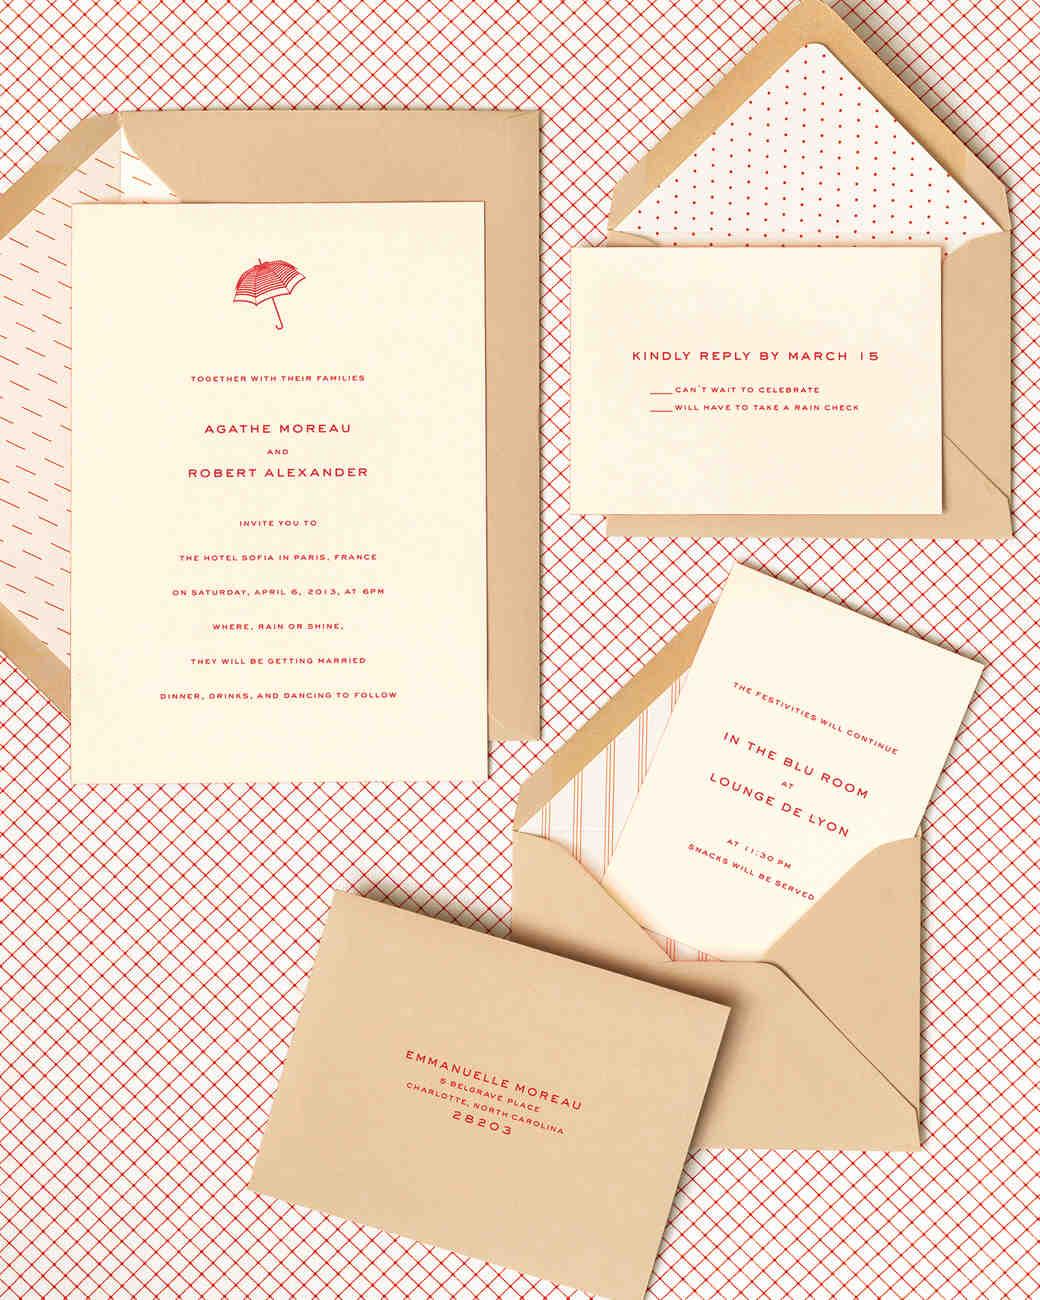 invitation clip art and templates martha stewart weddings rh marthastewartweddings com wedding invitation clip art borders free download wedding invitation clip art free